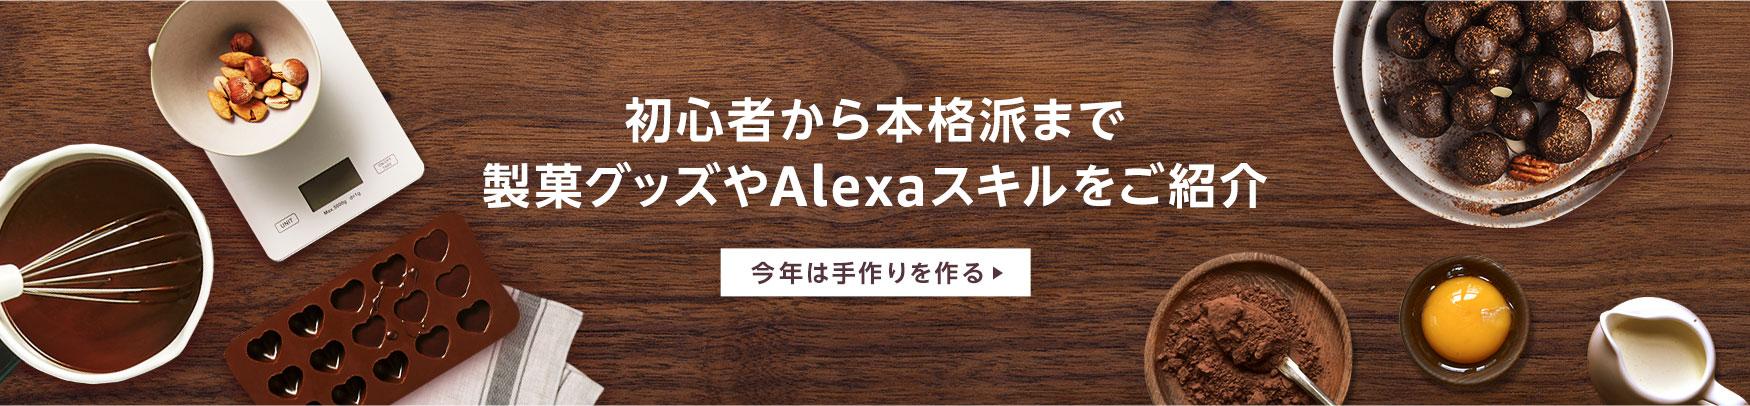 初心者から本格派まで成果グッズやAlexaスキルをご紹介